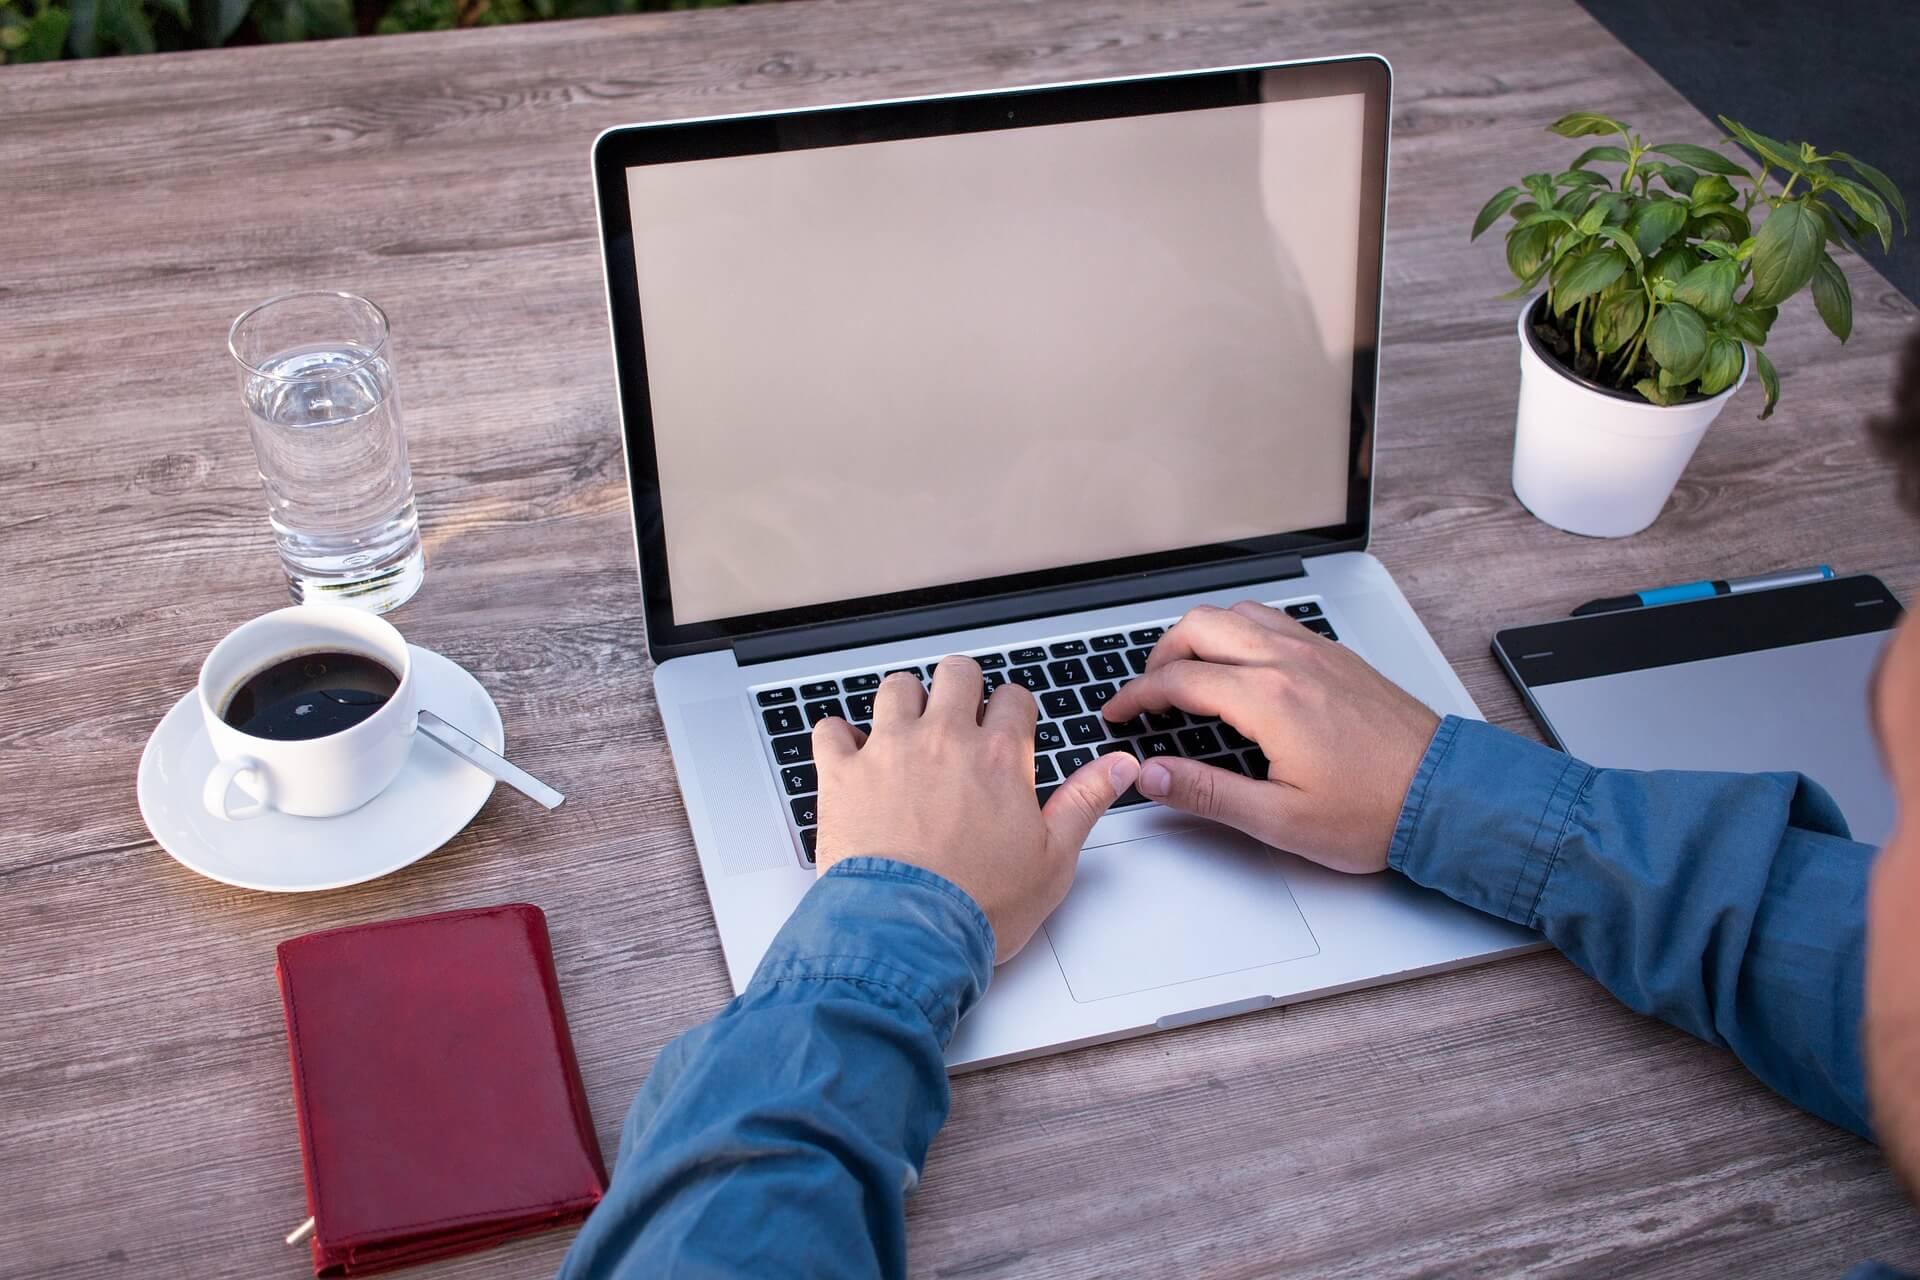 5 главных преимуществ фрилансера перед штатным сотрудником